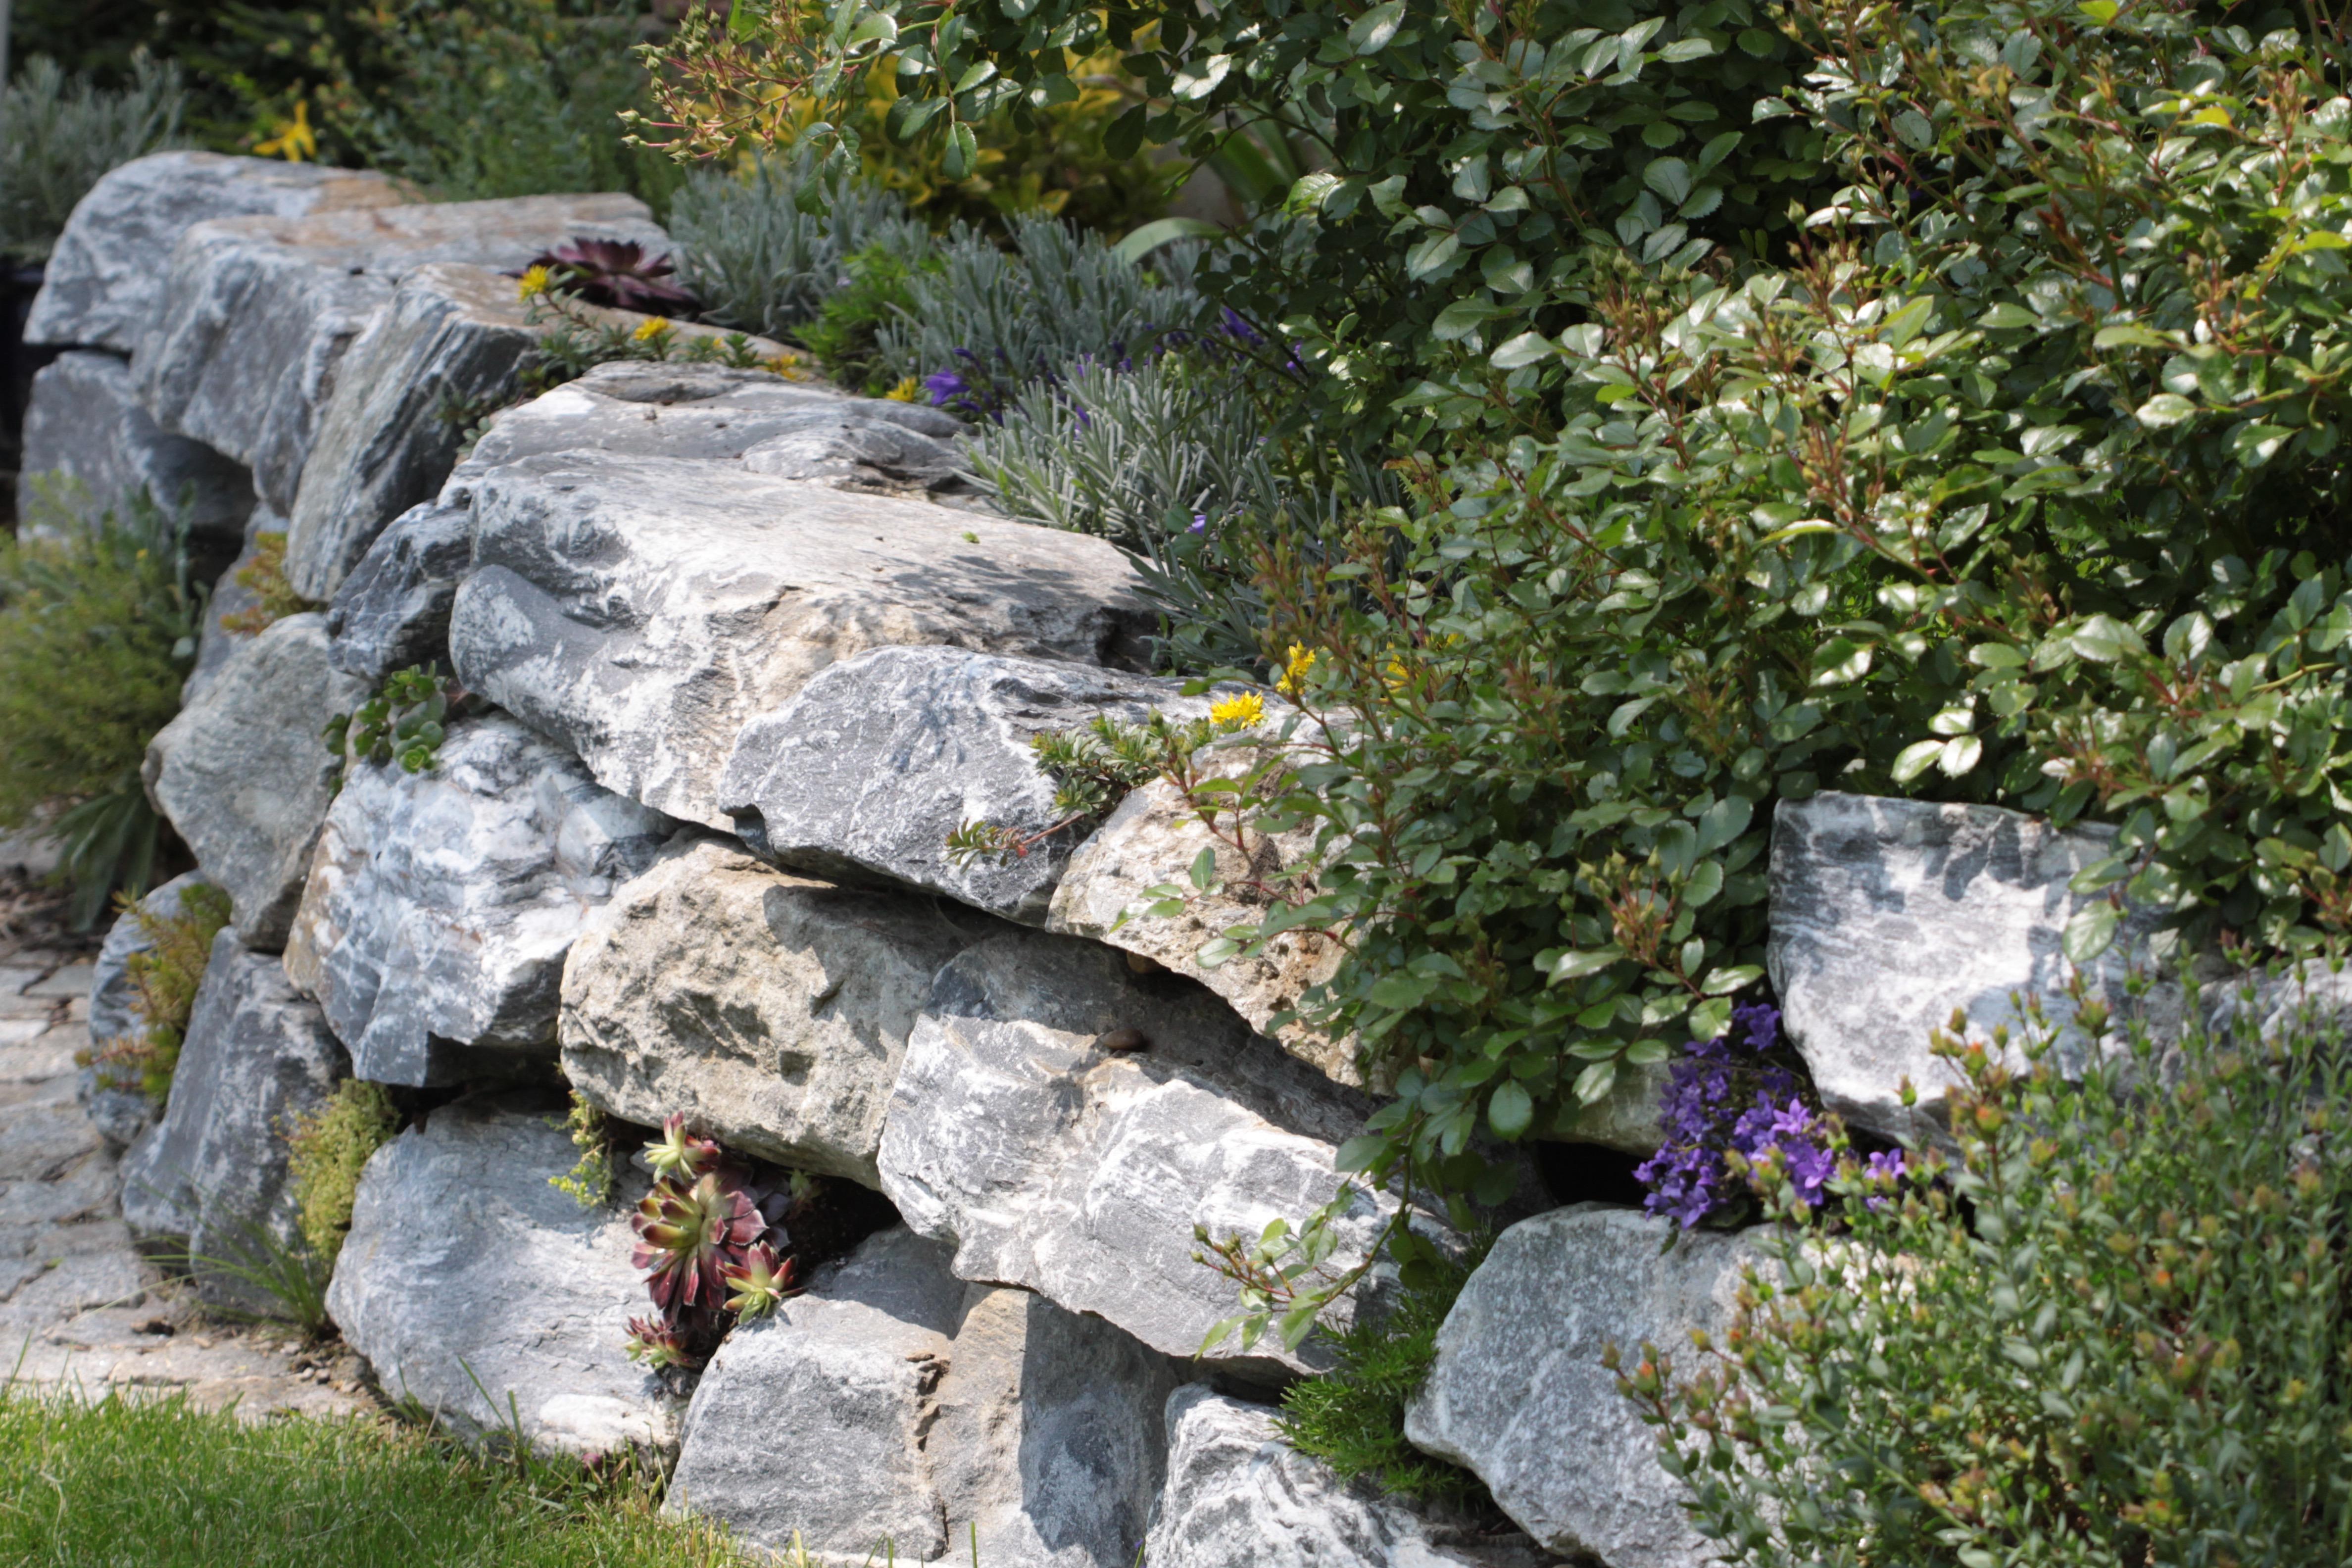 Gartengestaltung Libelle - Isabella Pfenning - Gartenplanung und Gartengestaltung